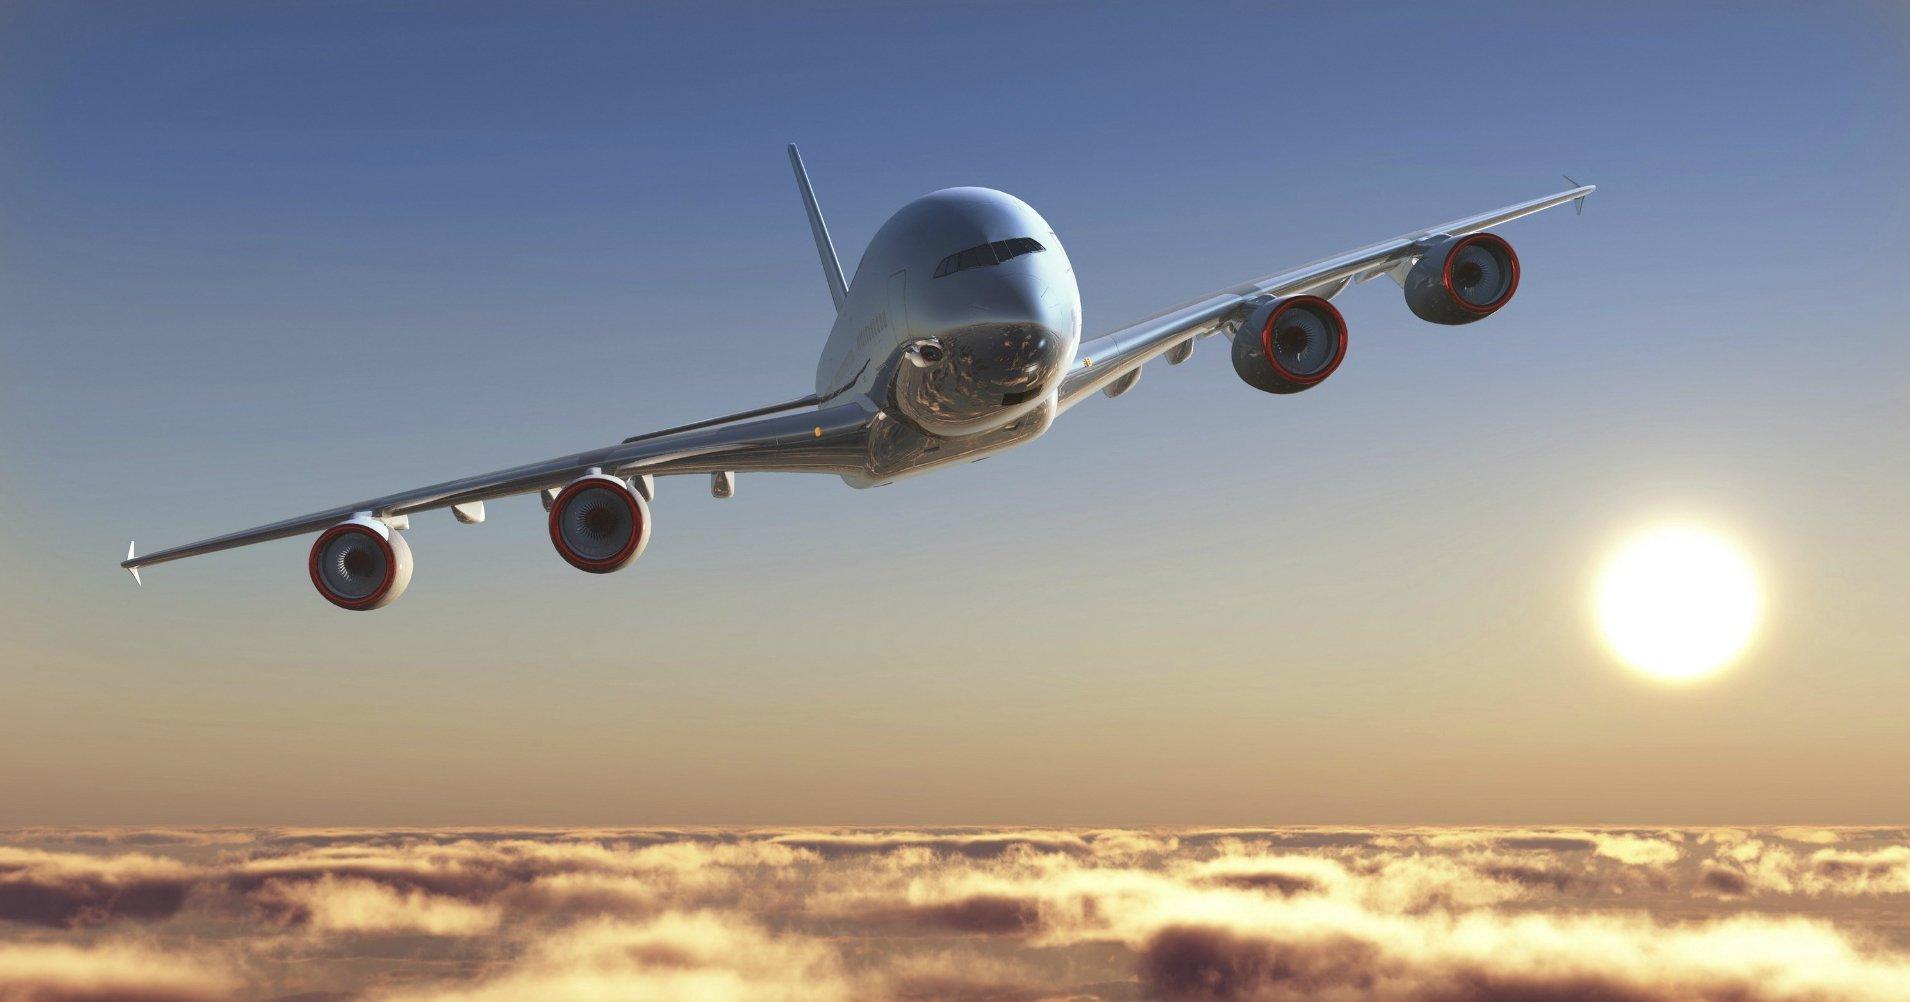 aviao sobre as nuvens viagem de aviao 1405107225198 1920x1280.jpg?resize=1200,630 - Dez destinos turístico onde o Real vale mais